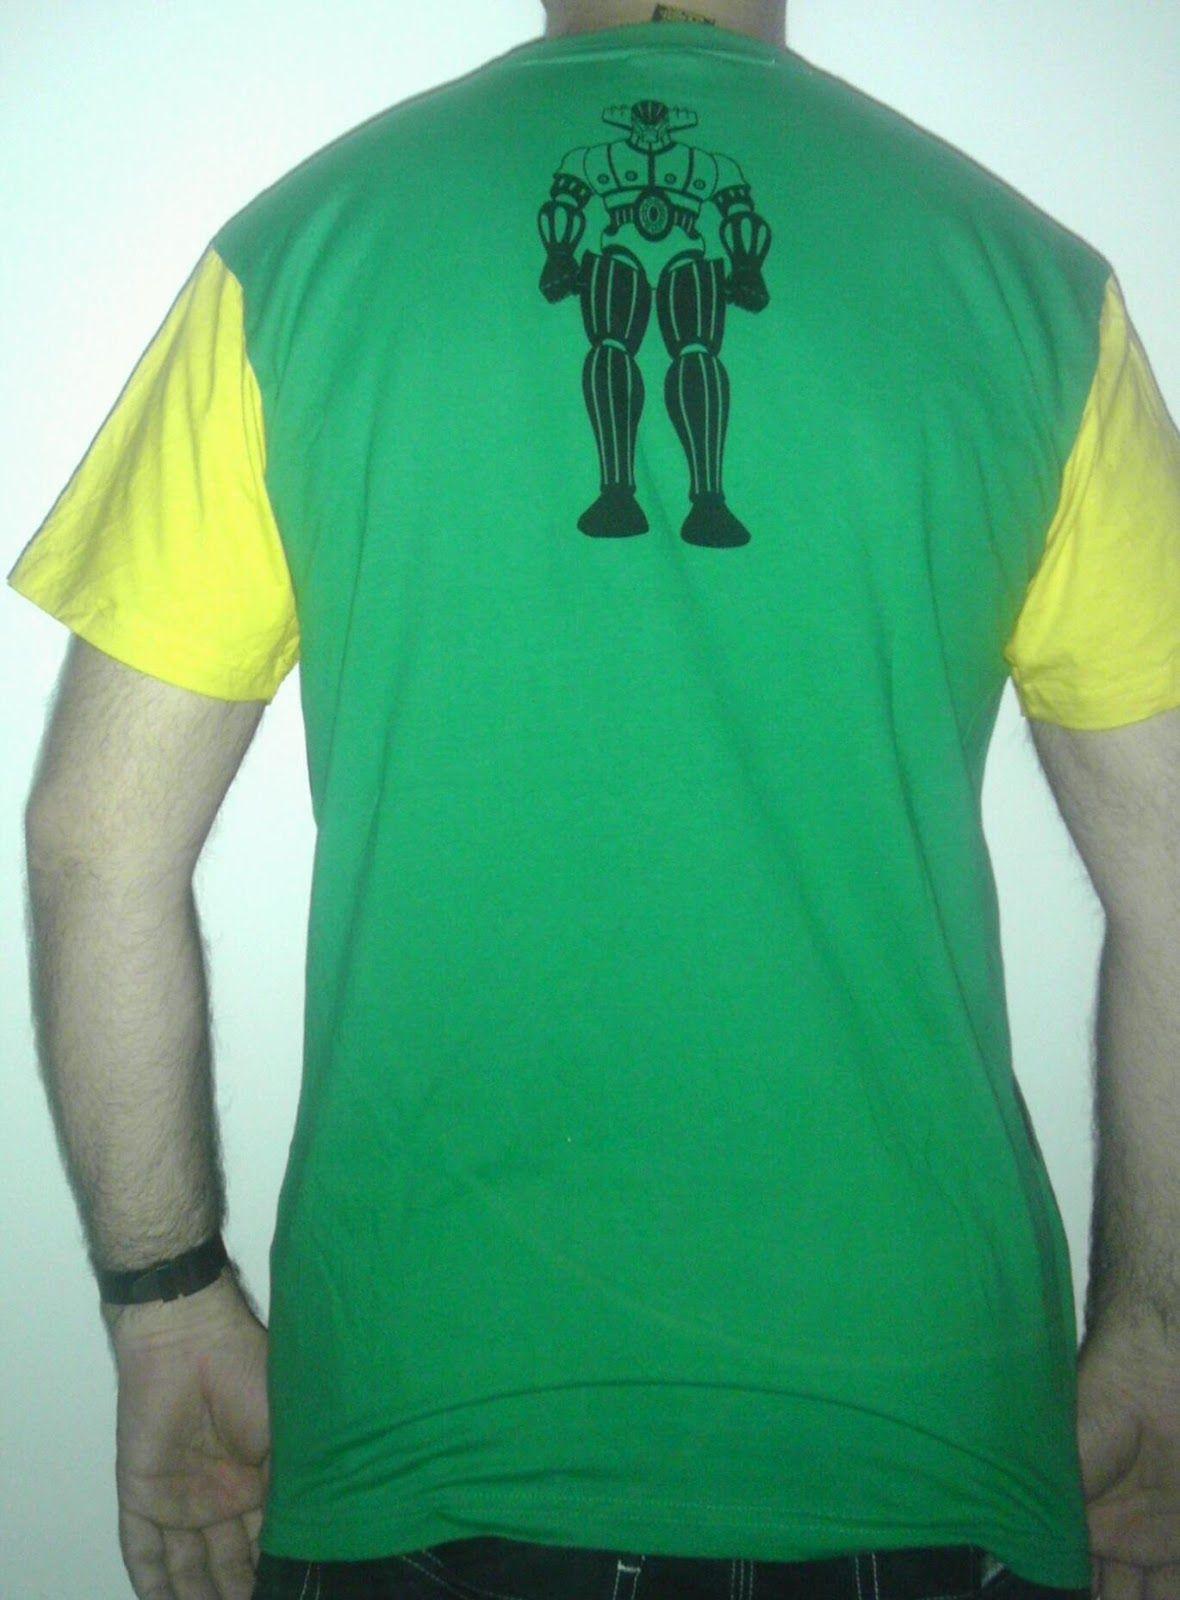 jeeg robot d'acciaio verde e gialla miva dai ca##o! retro